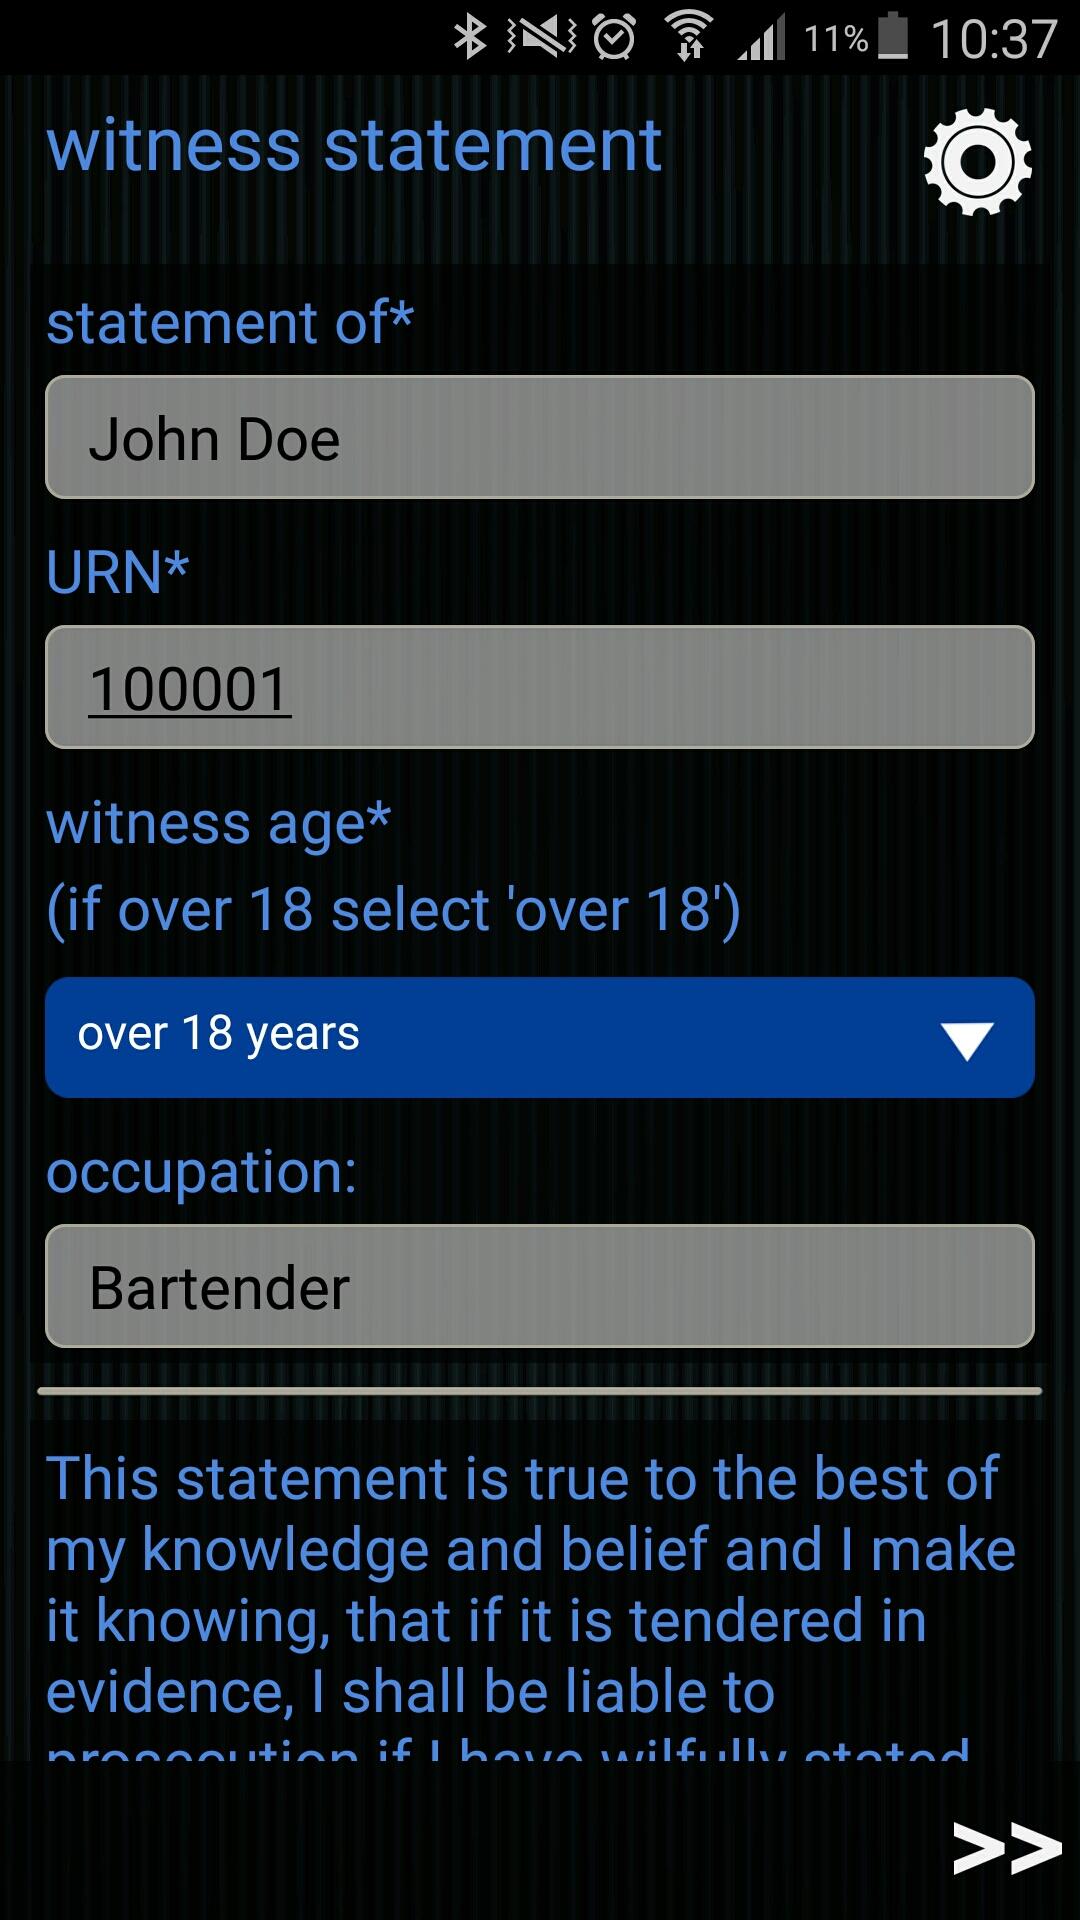 ginstr_app_witnessStatement_EN-2